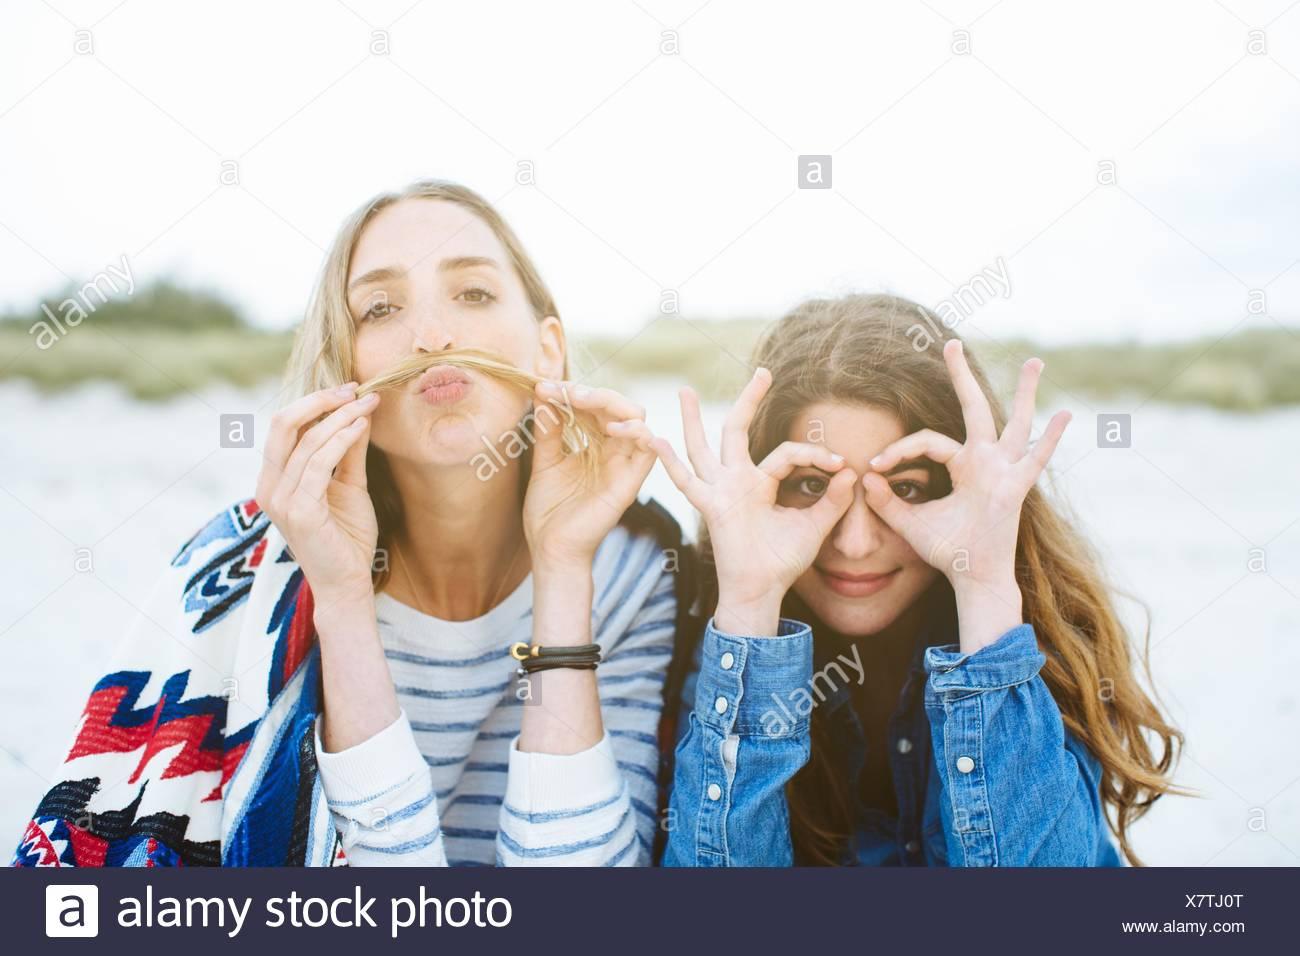 Retrato de dos jóvenes amigas haciendo el bigote y el oso se enfrenta en la playa Imagen De Stock